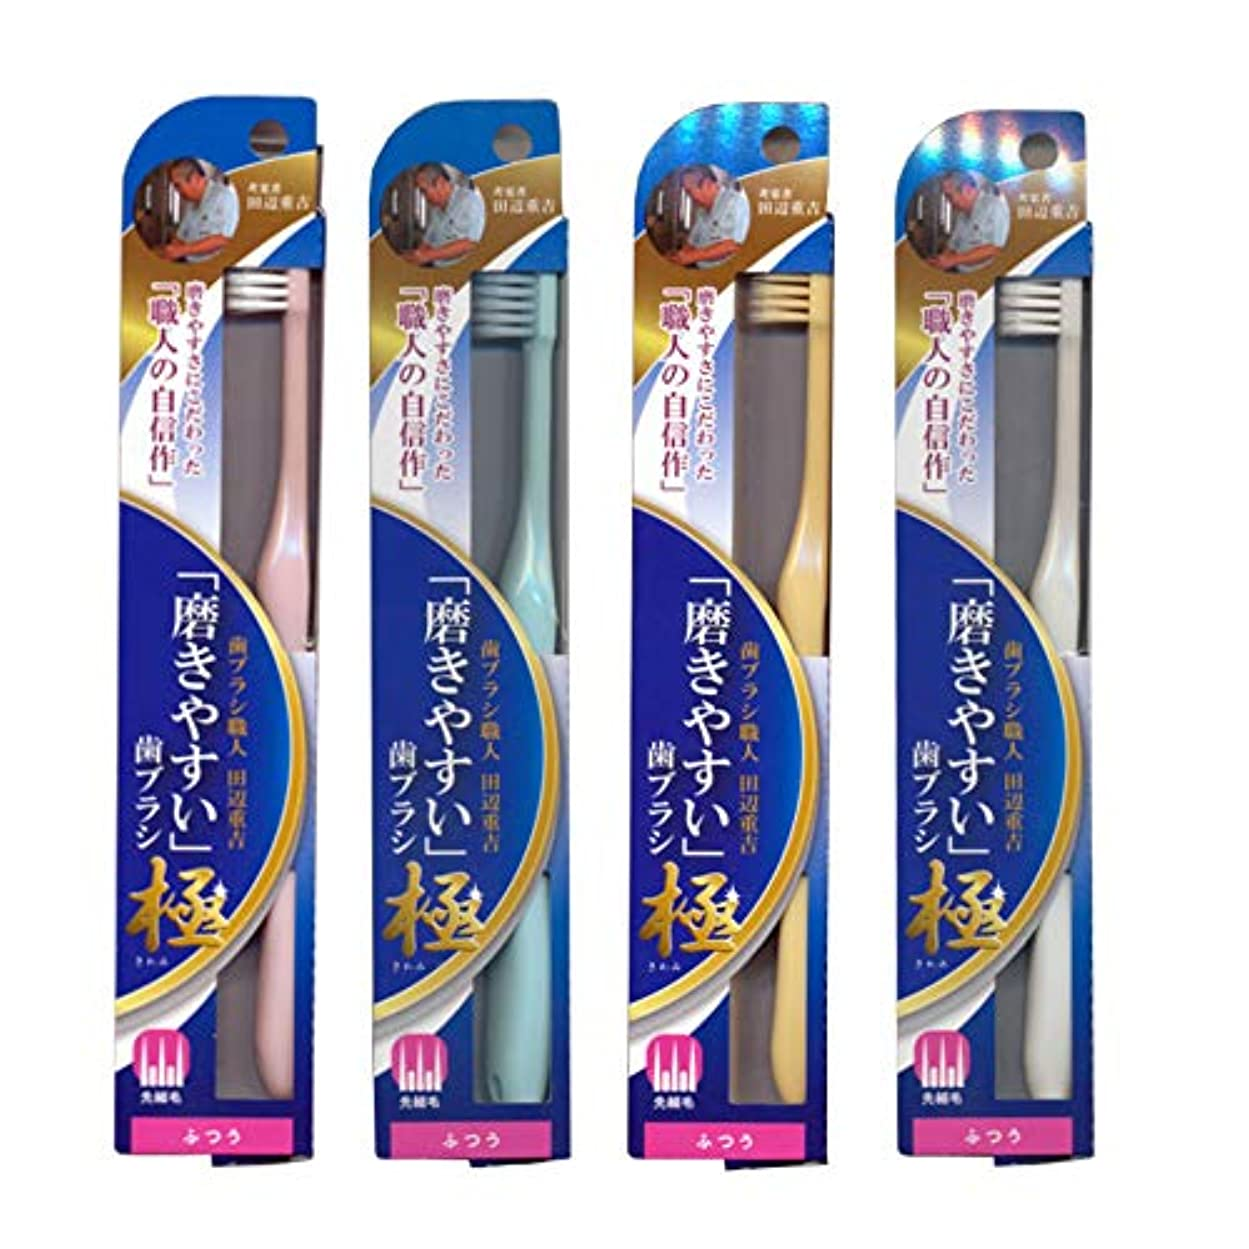 くるみ逆さまに海賊磨きやすい歯ブラシ極 (ふつう) LT-44×4本セット(ピンク×1、ブルー×1、ホワイト×1、イエロー×1)先細毛